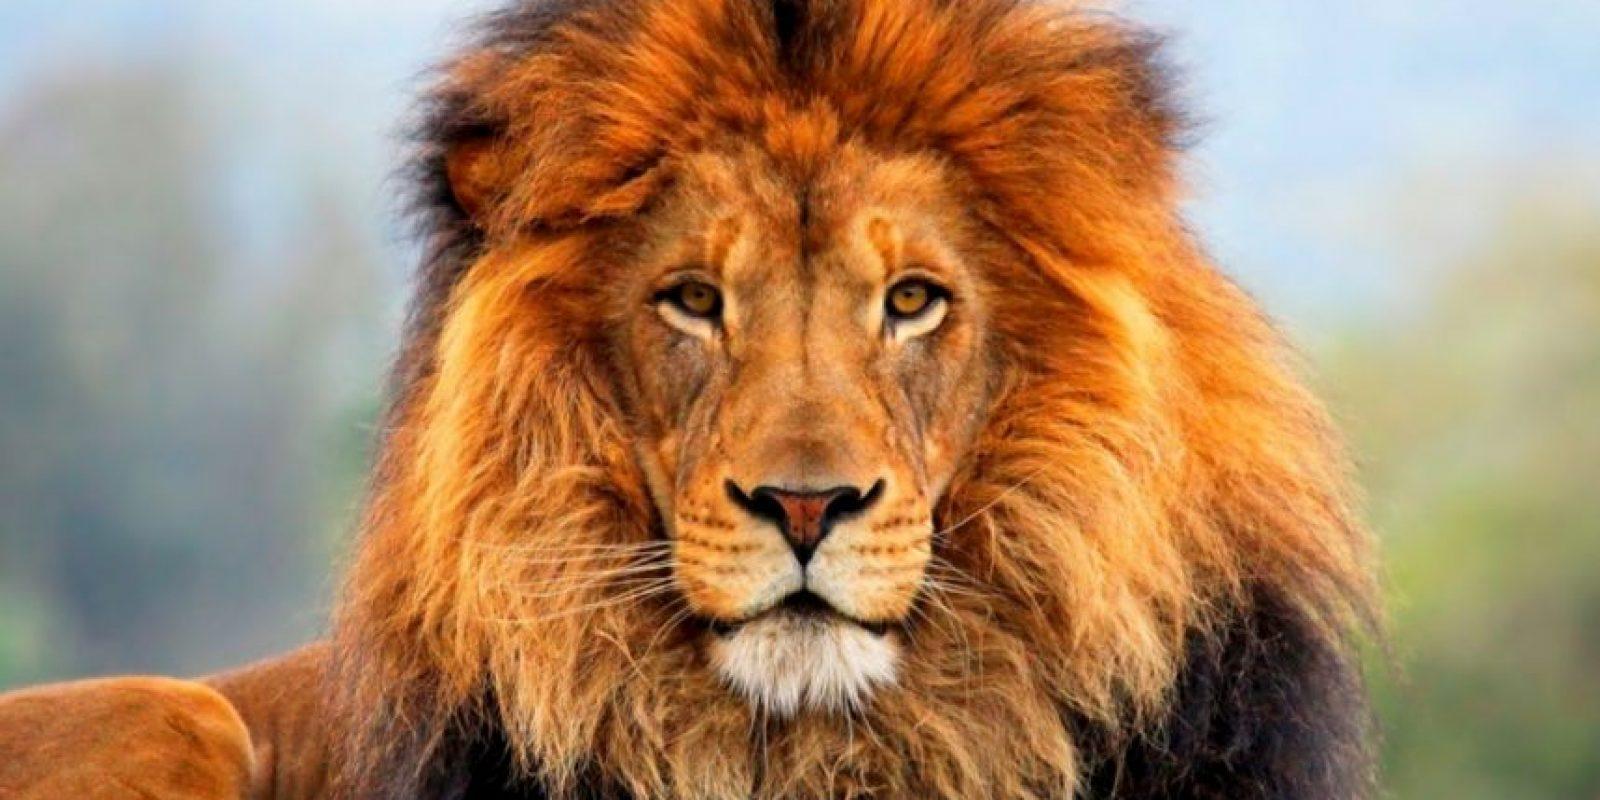 Los leones fueron utilizados en deportes sangrientos de combate contra otros animales como perros. Fue finalmente prohibido en Viena en 1800 y en Inglaterra en 1825. Foto:Getty Images. Imagen Por: